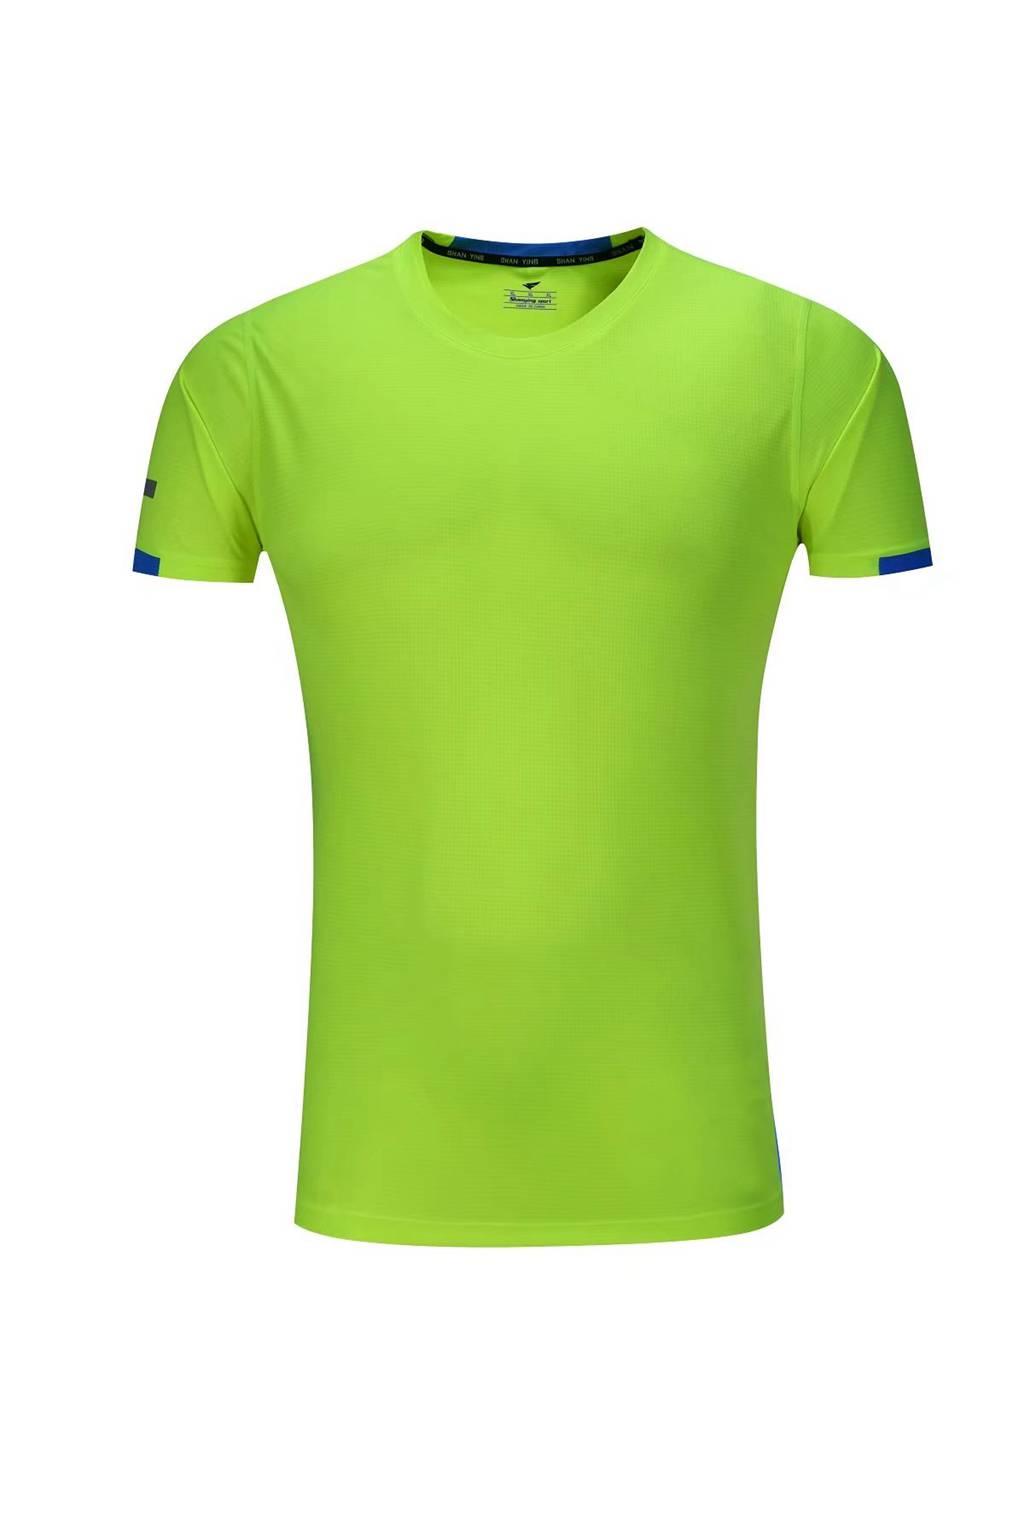 春夏新品 圆领短袖T恤 时尚运动文化衫 荧光绿 3D效果图